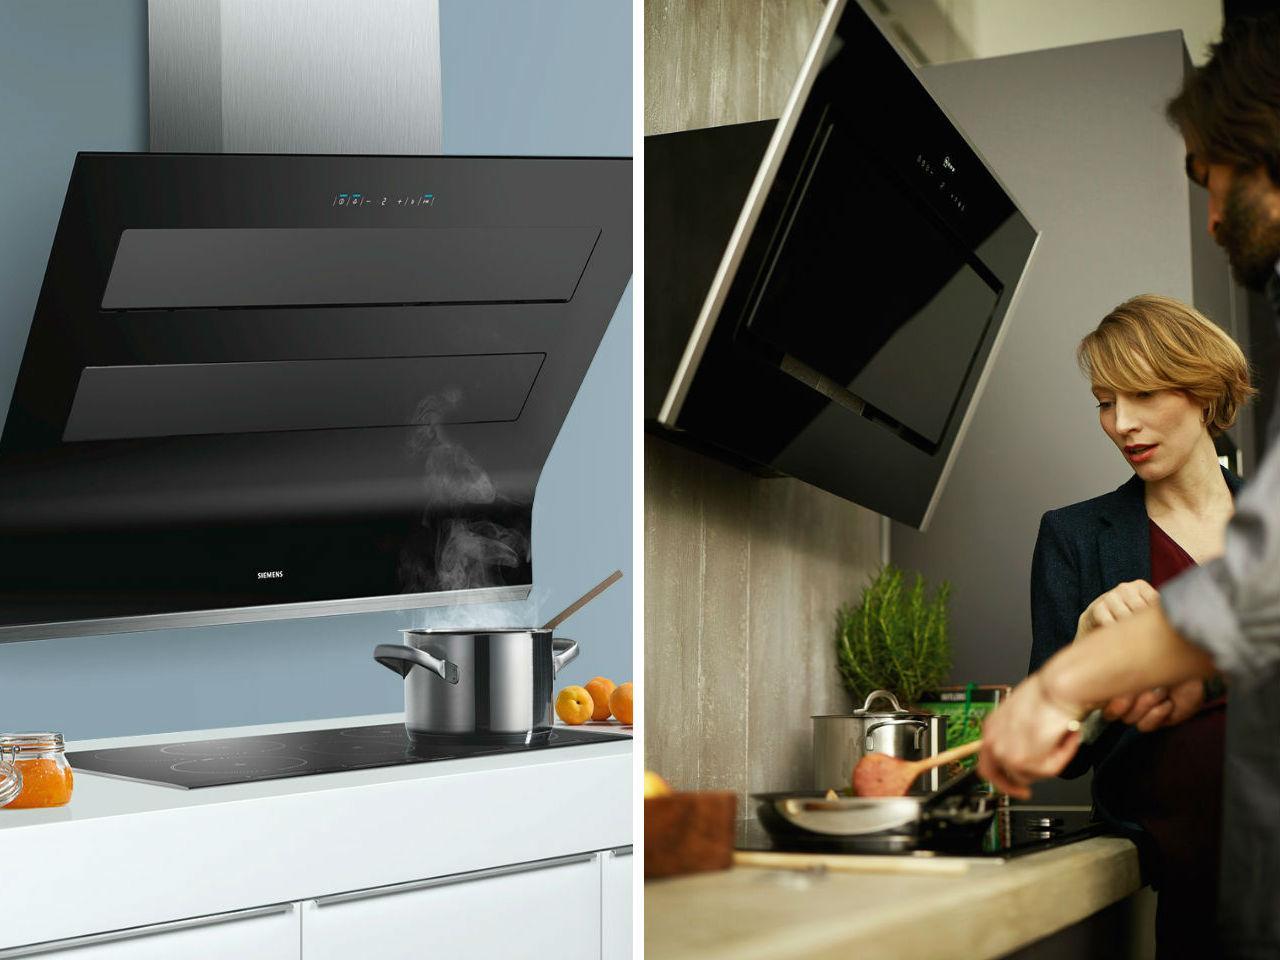 Siemens Kühlschrank Unterschiede : Küchengeräte im markenvergleich: welche hersteller stecken hinter